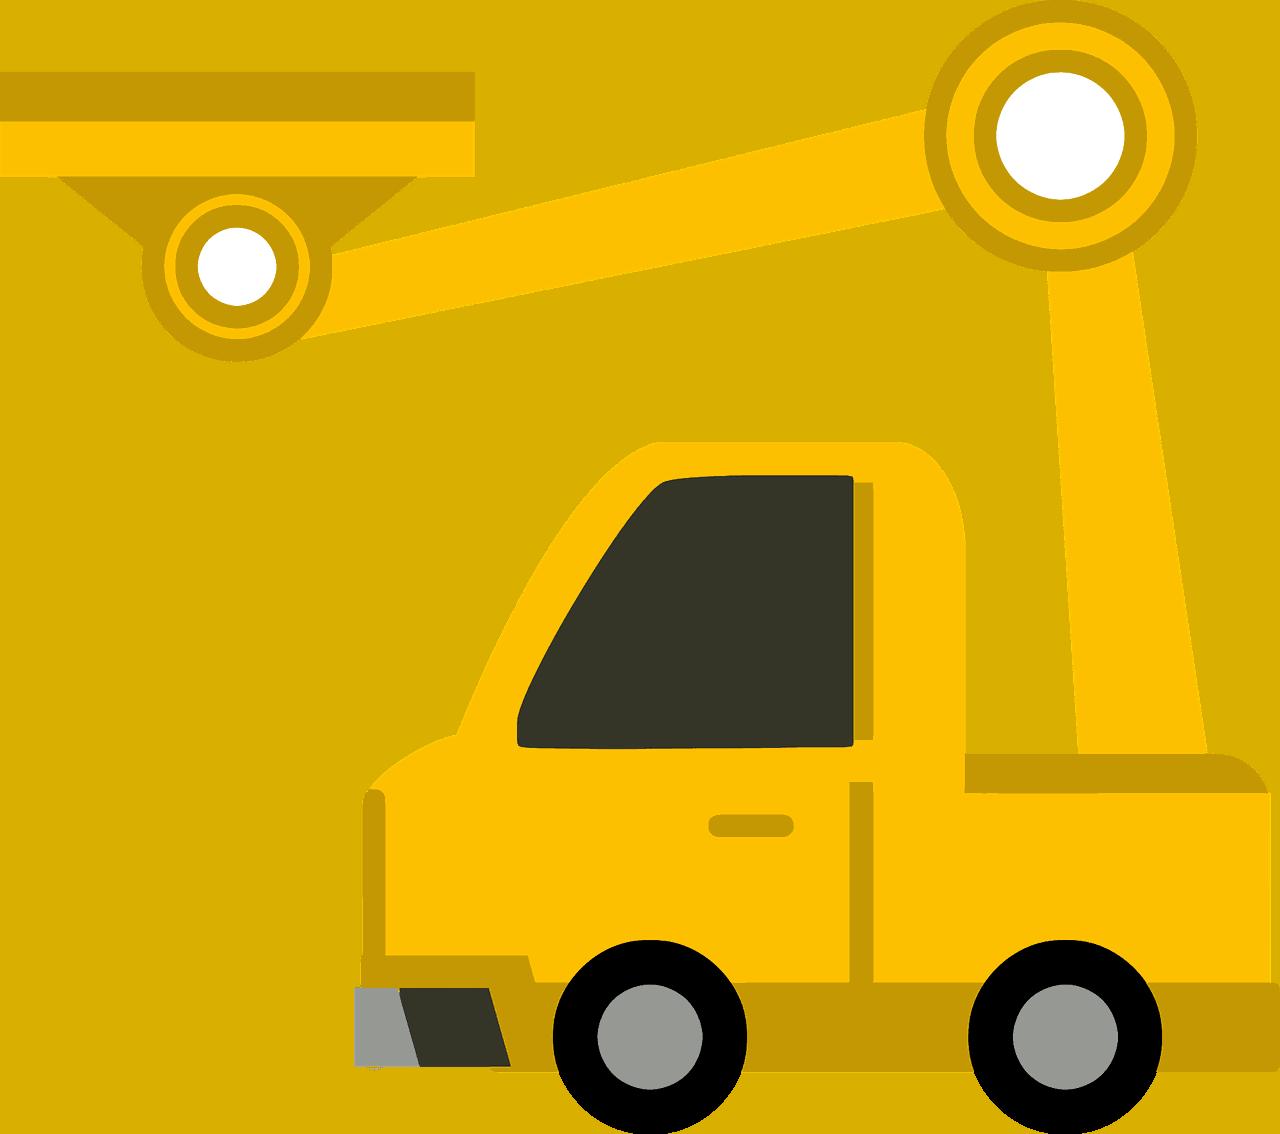 משאית עם מנוף